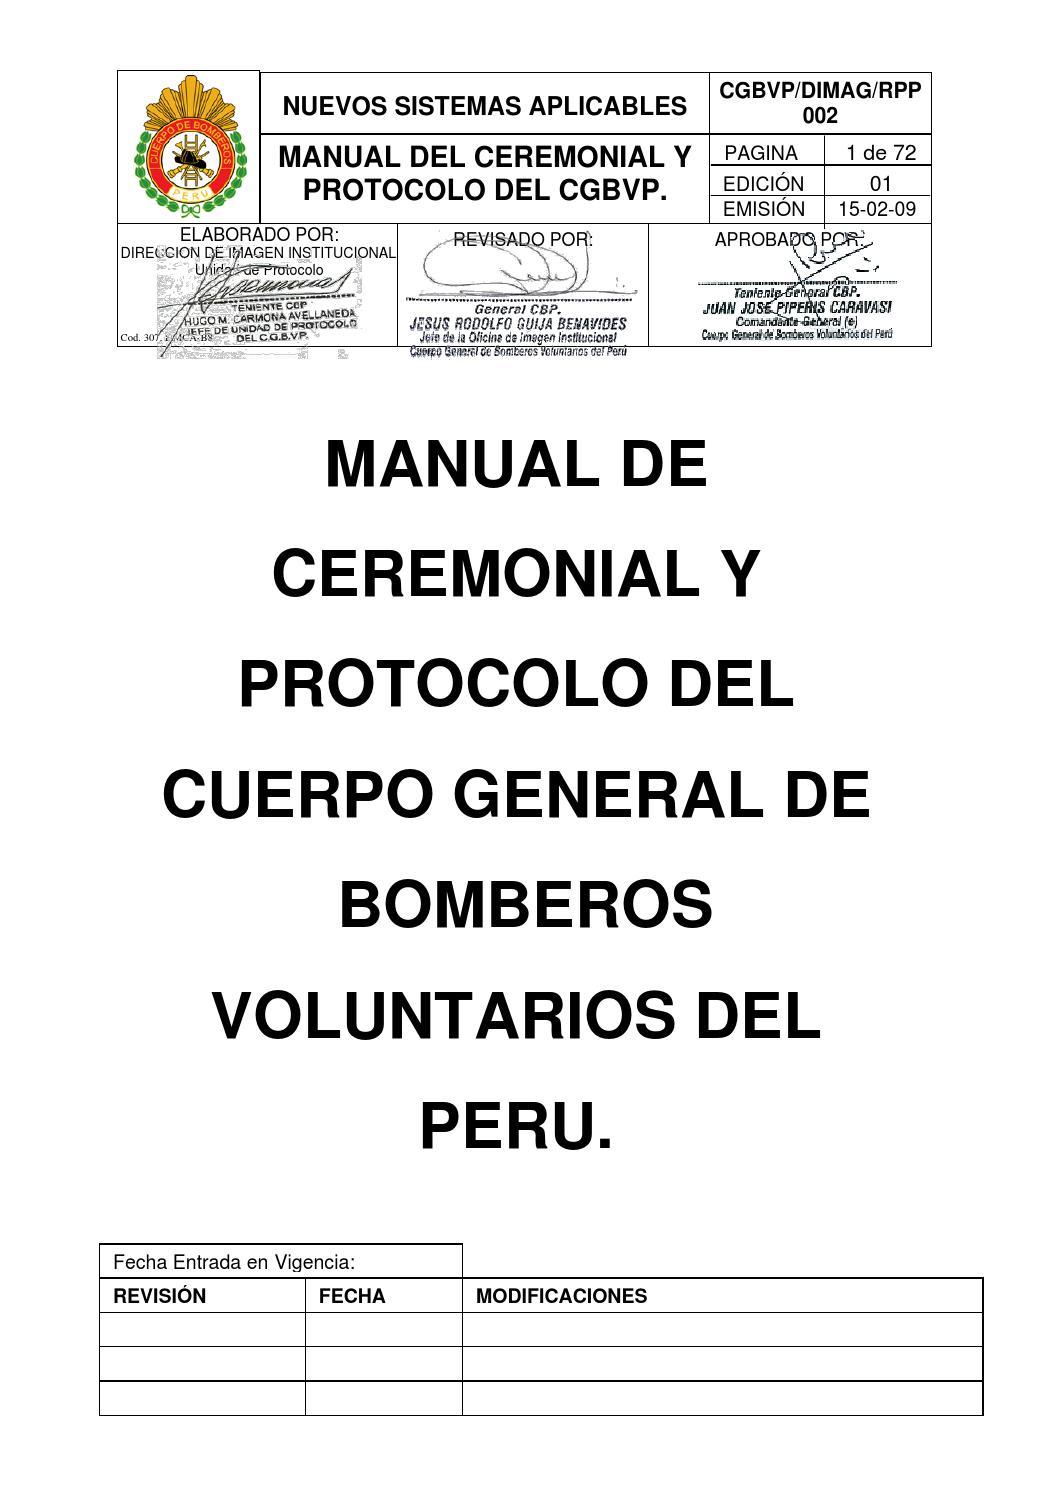 Manual de ceremonial y protocolo by Ivcomandancia